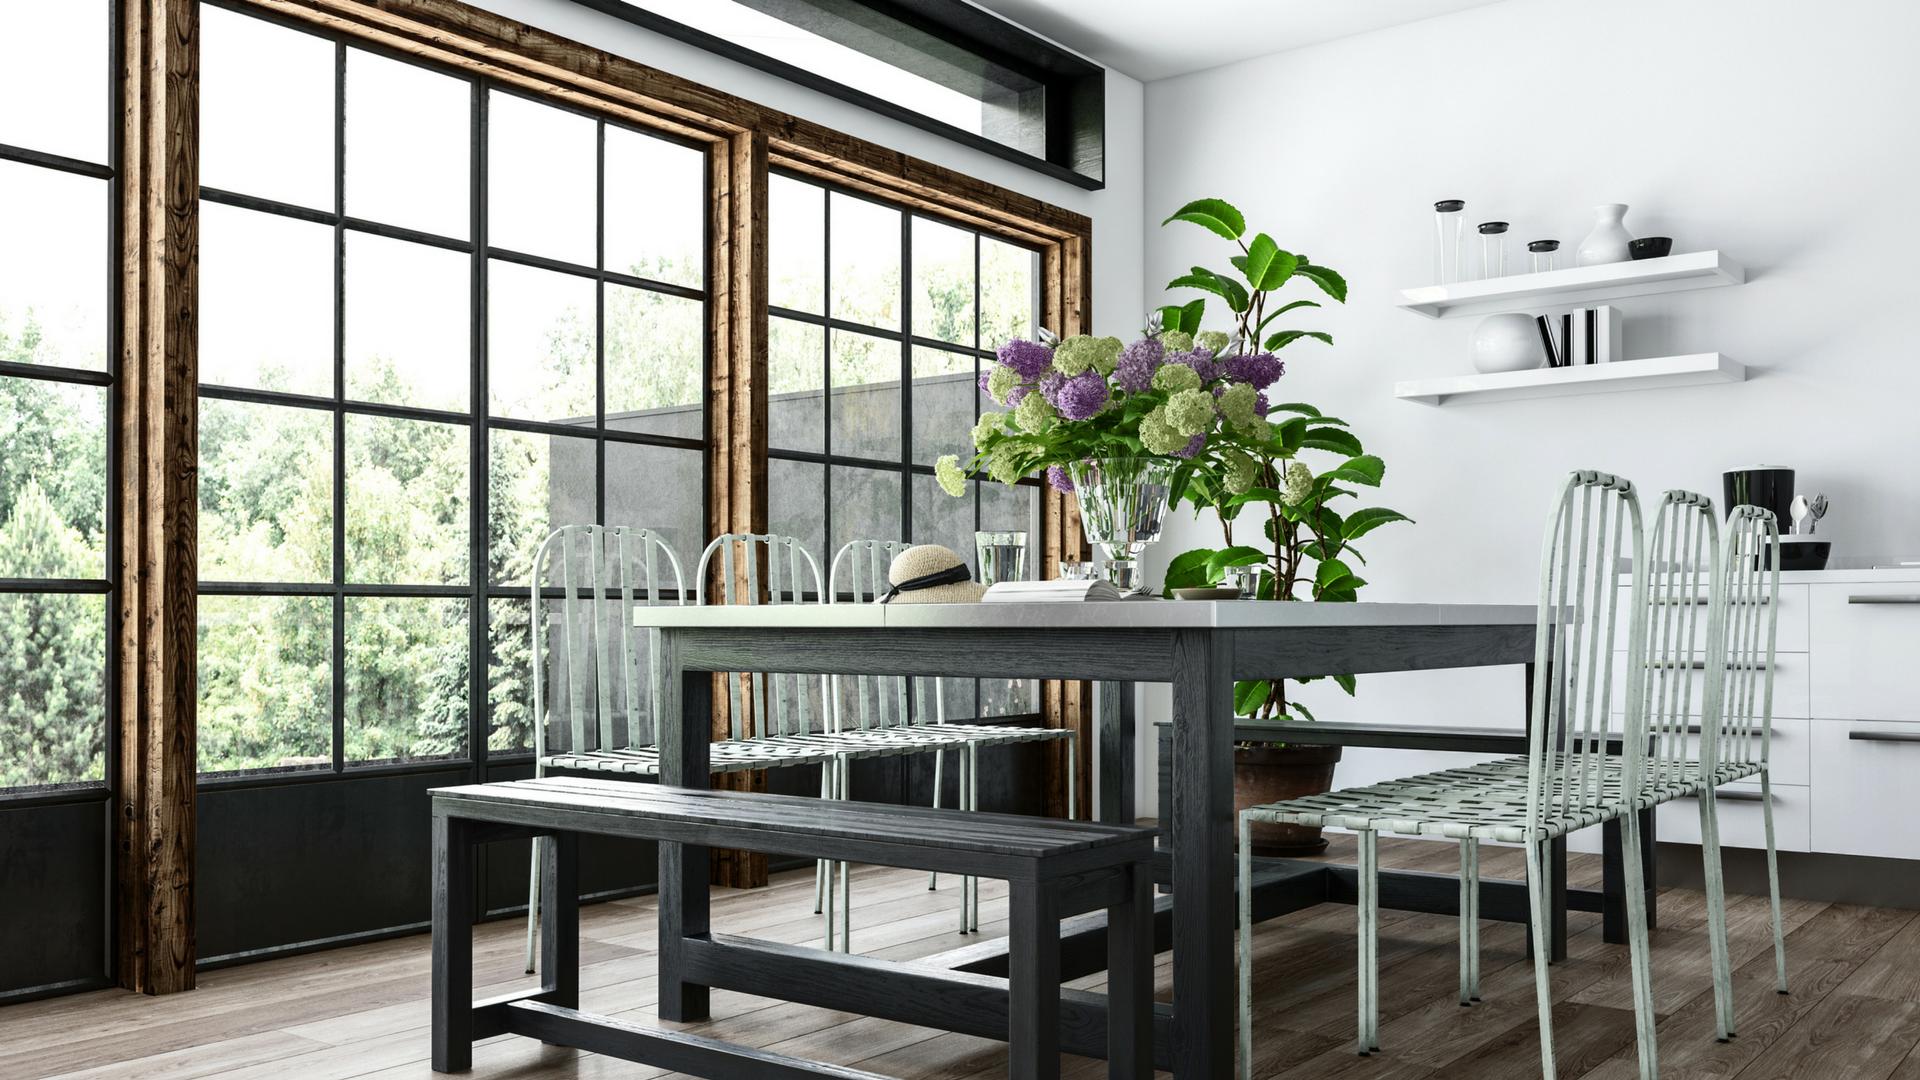 Full Size of Bodentiefe Fenster Konfigurieren Standardmaße Türen Sichtschutzfolie Einseitig Durchsichtig Drutex Günstig Kaufen Neue Einbauen Jalousien Innen Fenster Bodentiefe Fenster